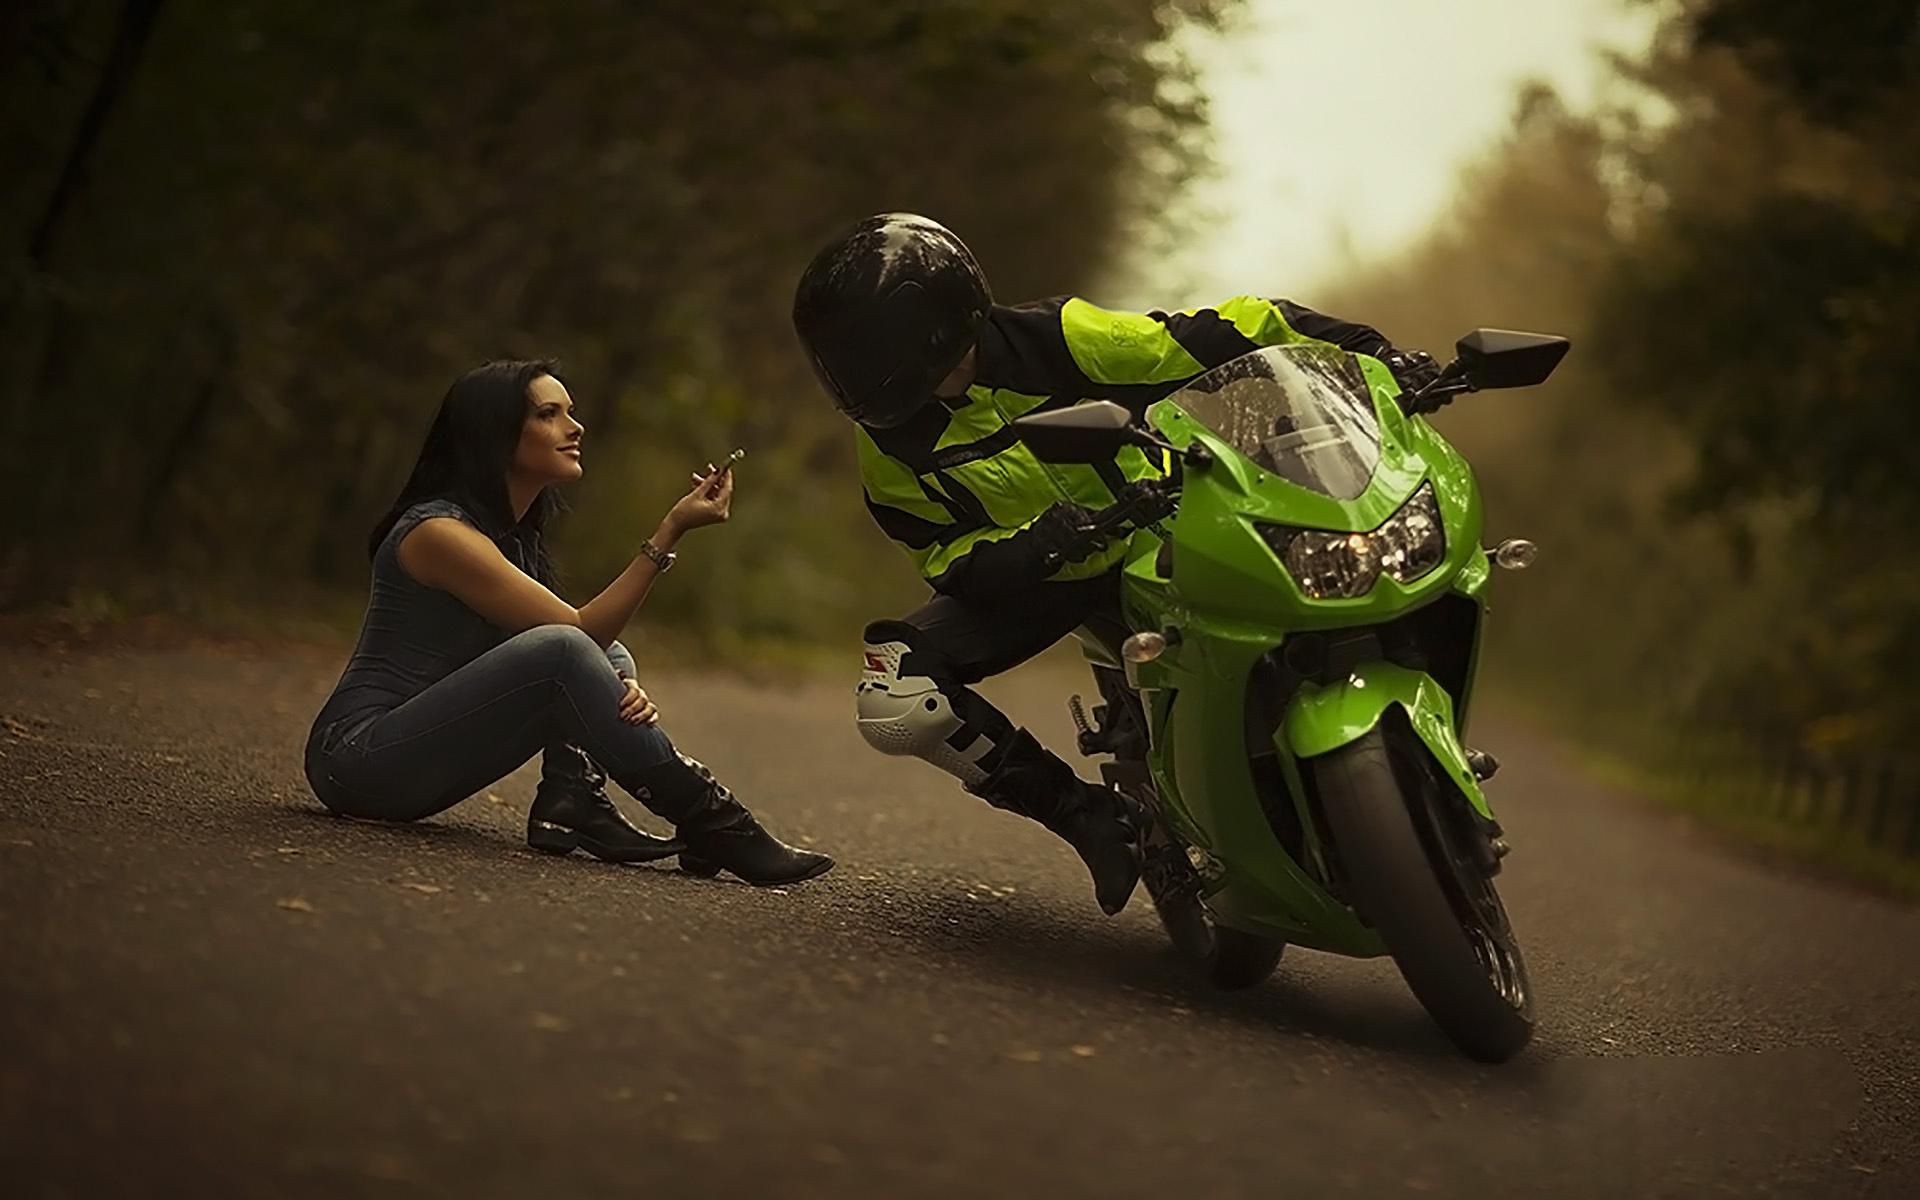 Видео открытка с мотоциклами, россии